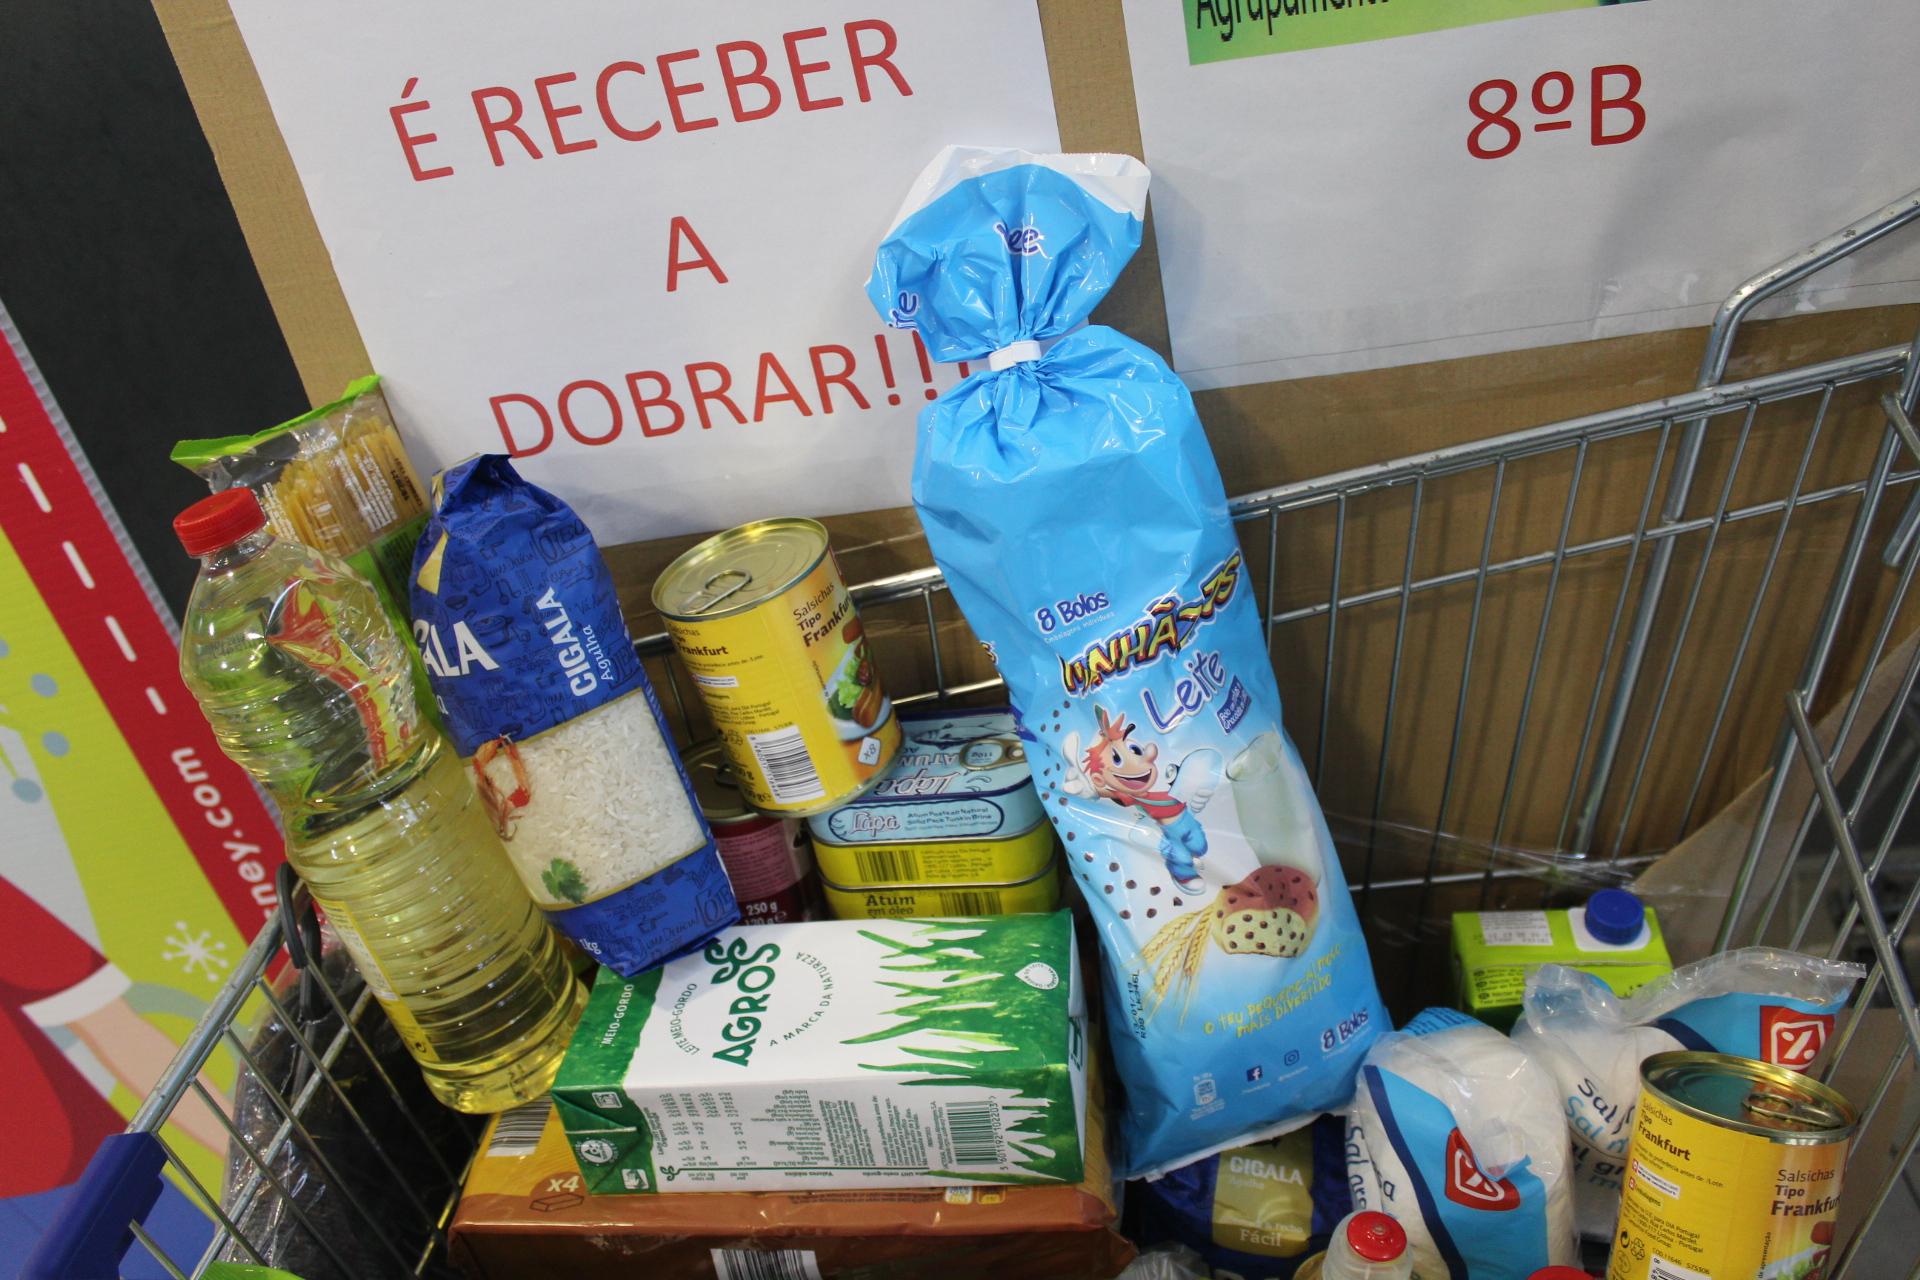 Alunos de Macedo promovem recolhas de bens para ajudar colegas carenciados neste Natal